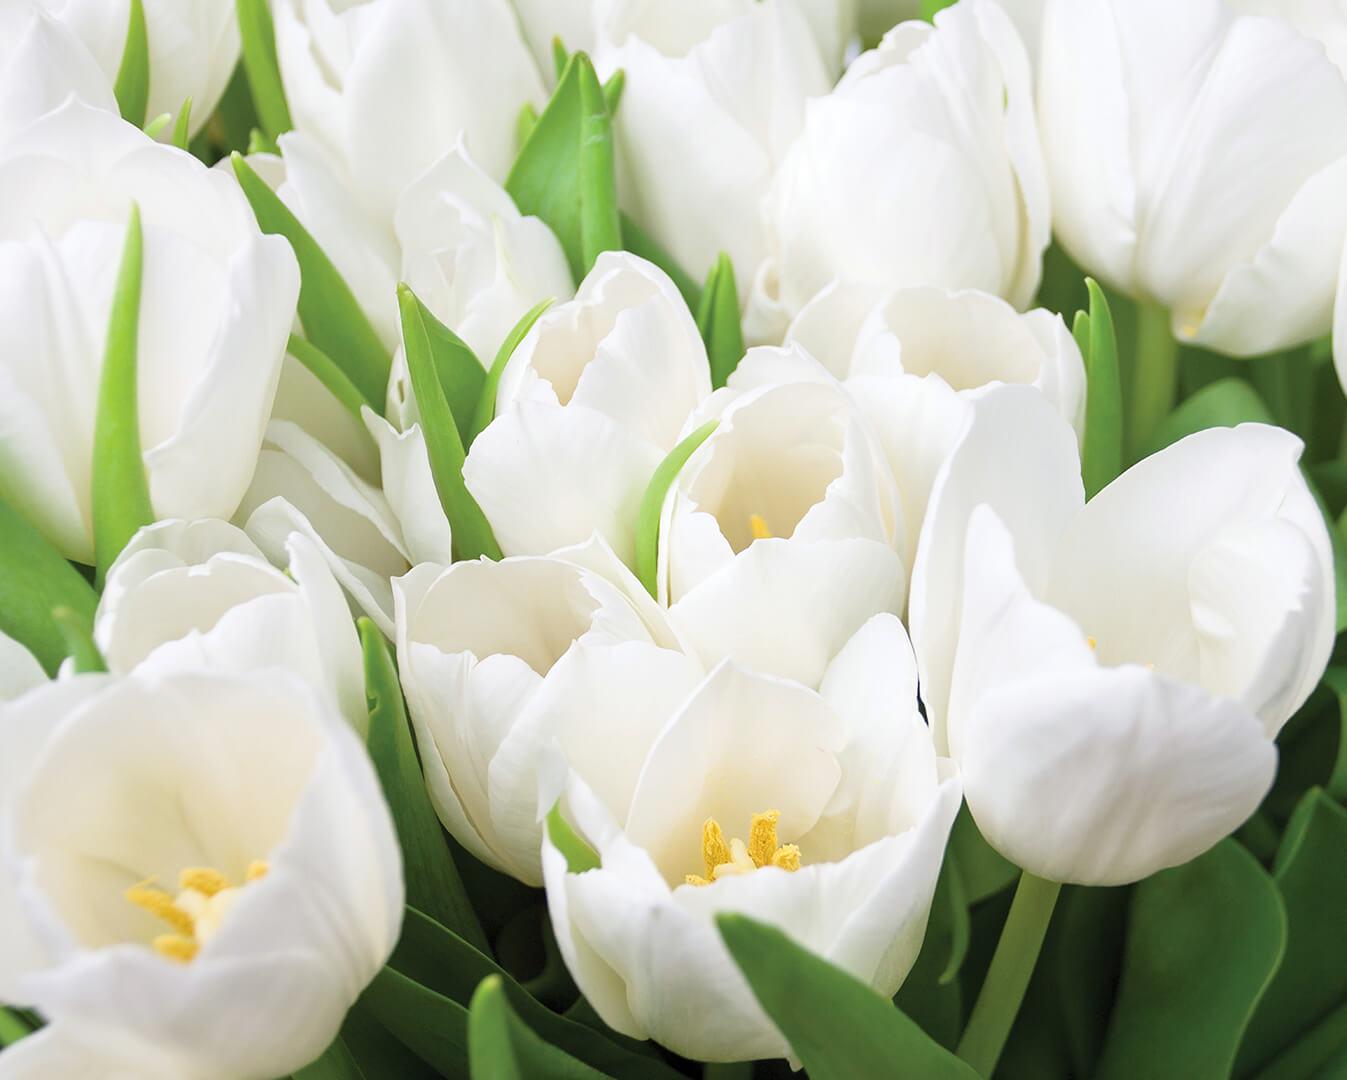 Картинки белых цветов